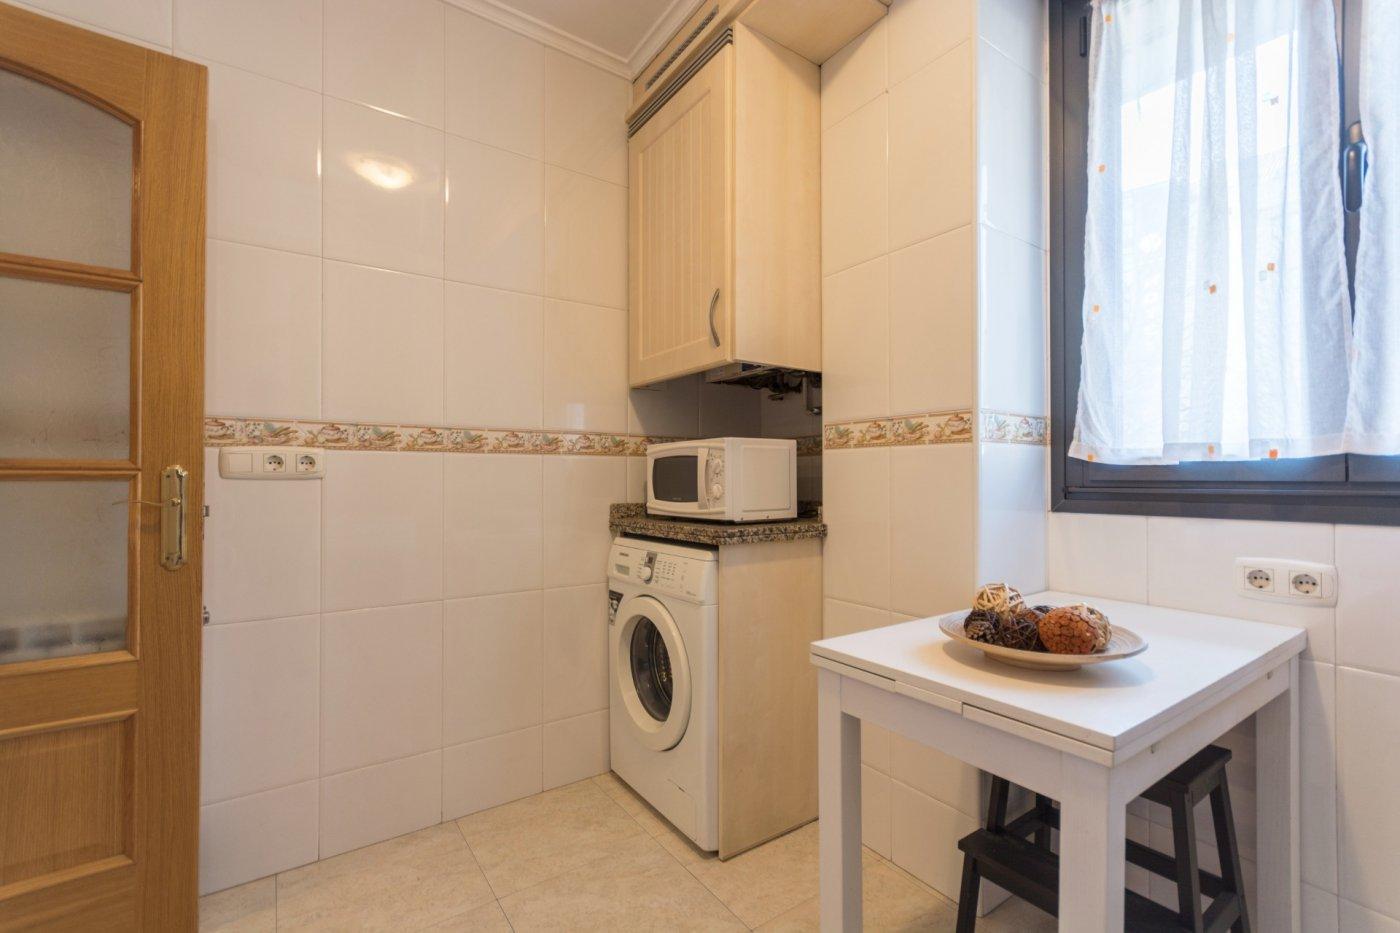 Apartamento seminuevo cerca de poniente - imagenInmueble14